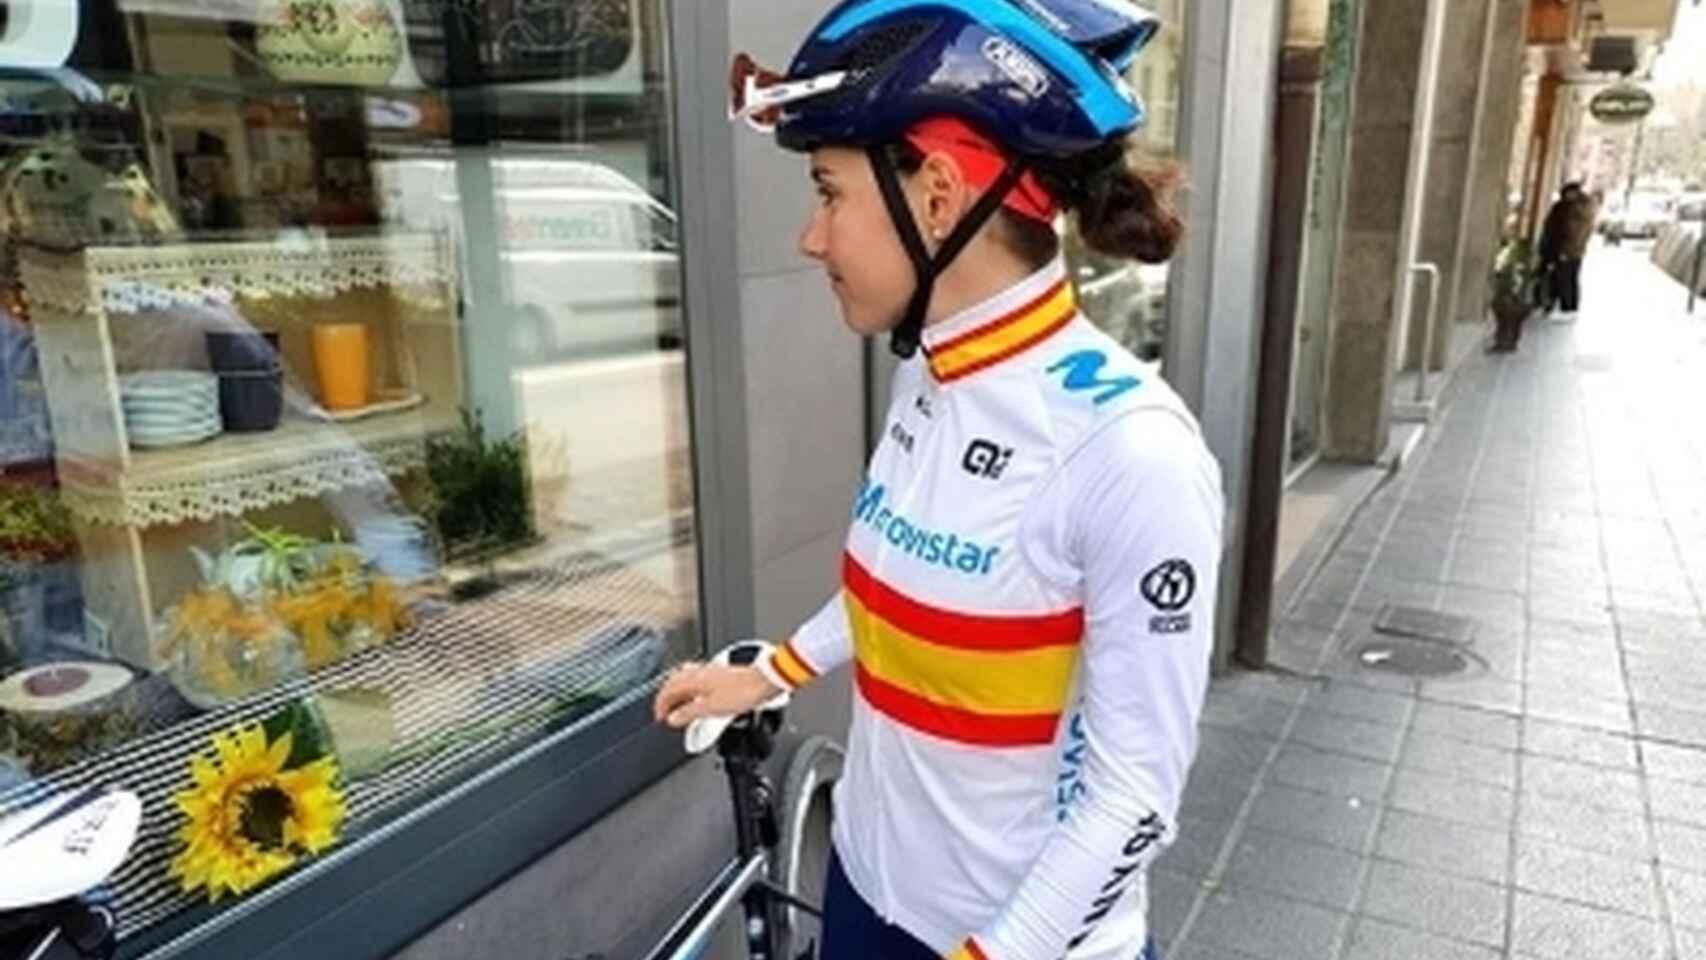 """Lourdes Oyarbide, campeona nacional, insultada tras librar el accidente: """"Española de mierda"""""""